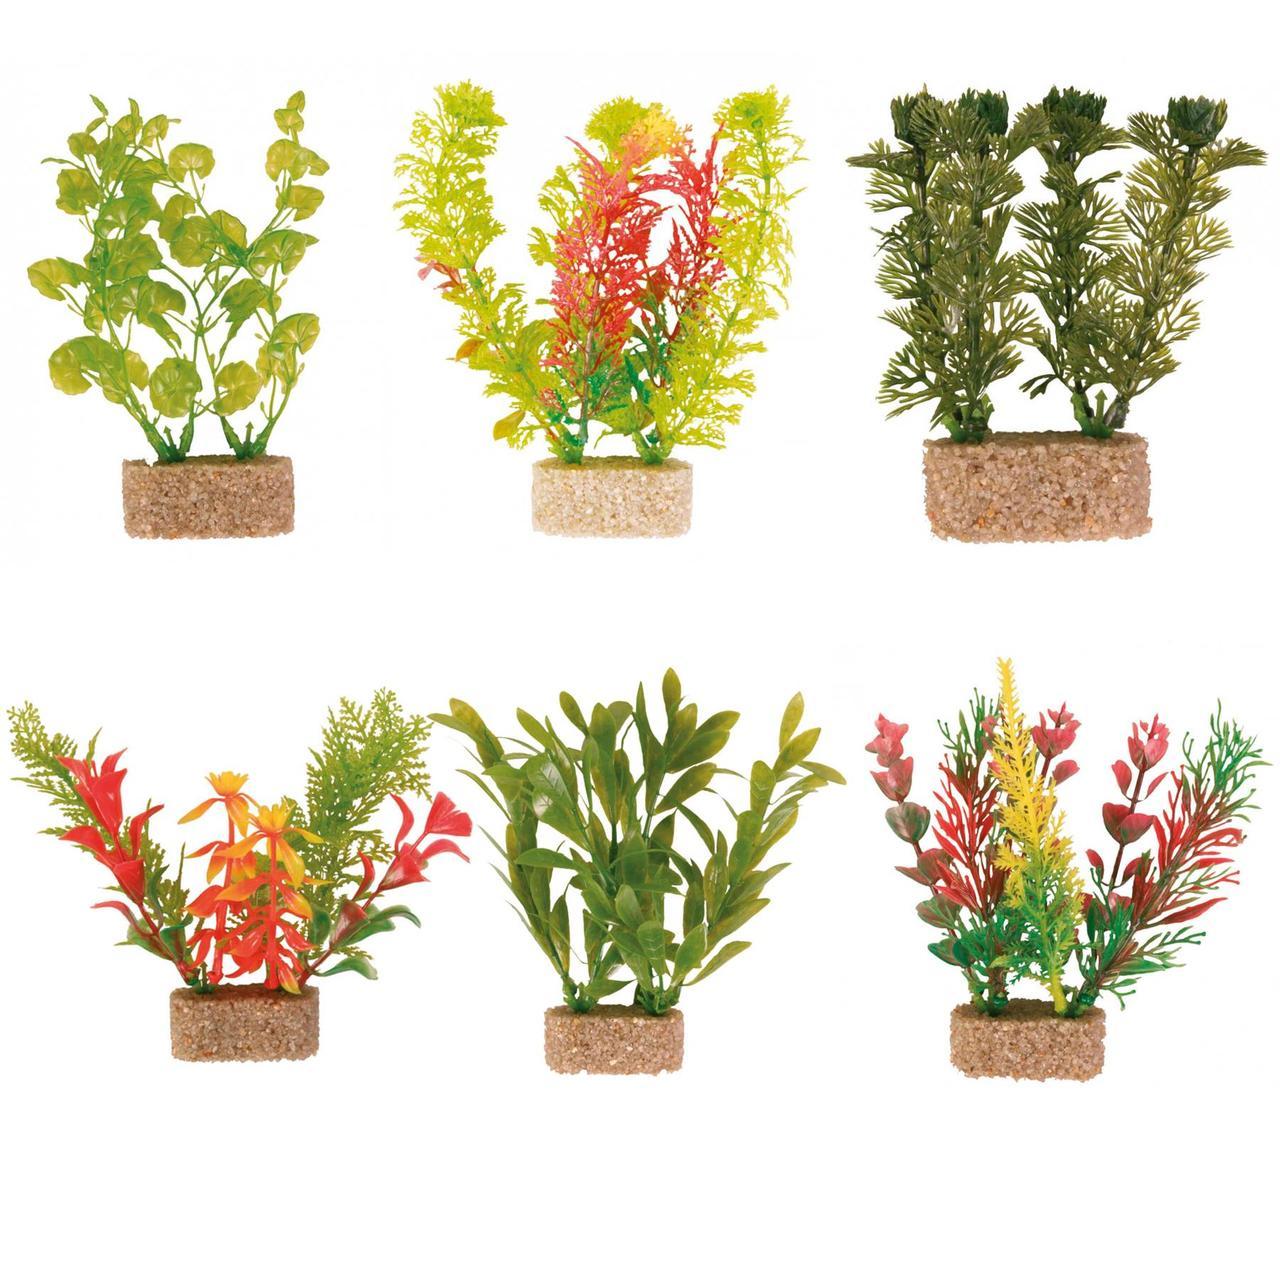 Искусственное растение TRIXIE Plastic Plants, набор,